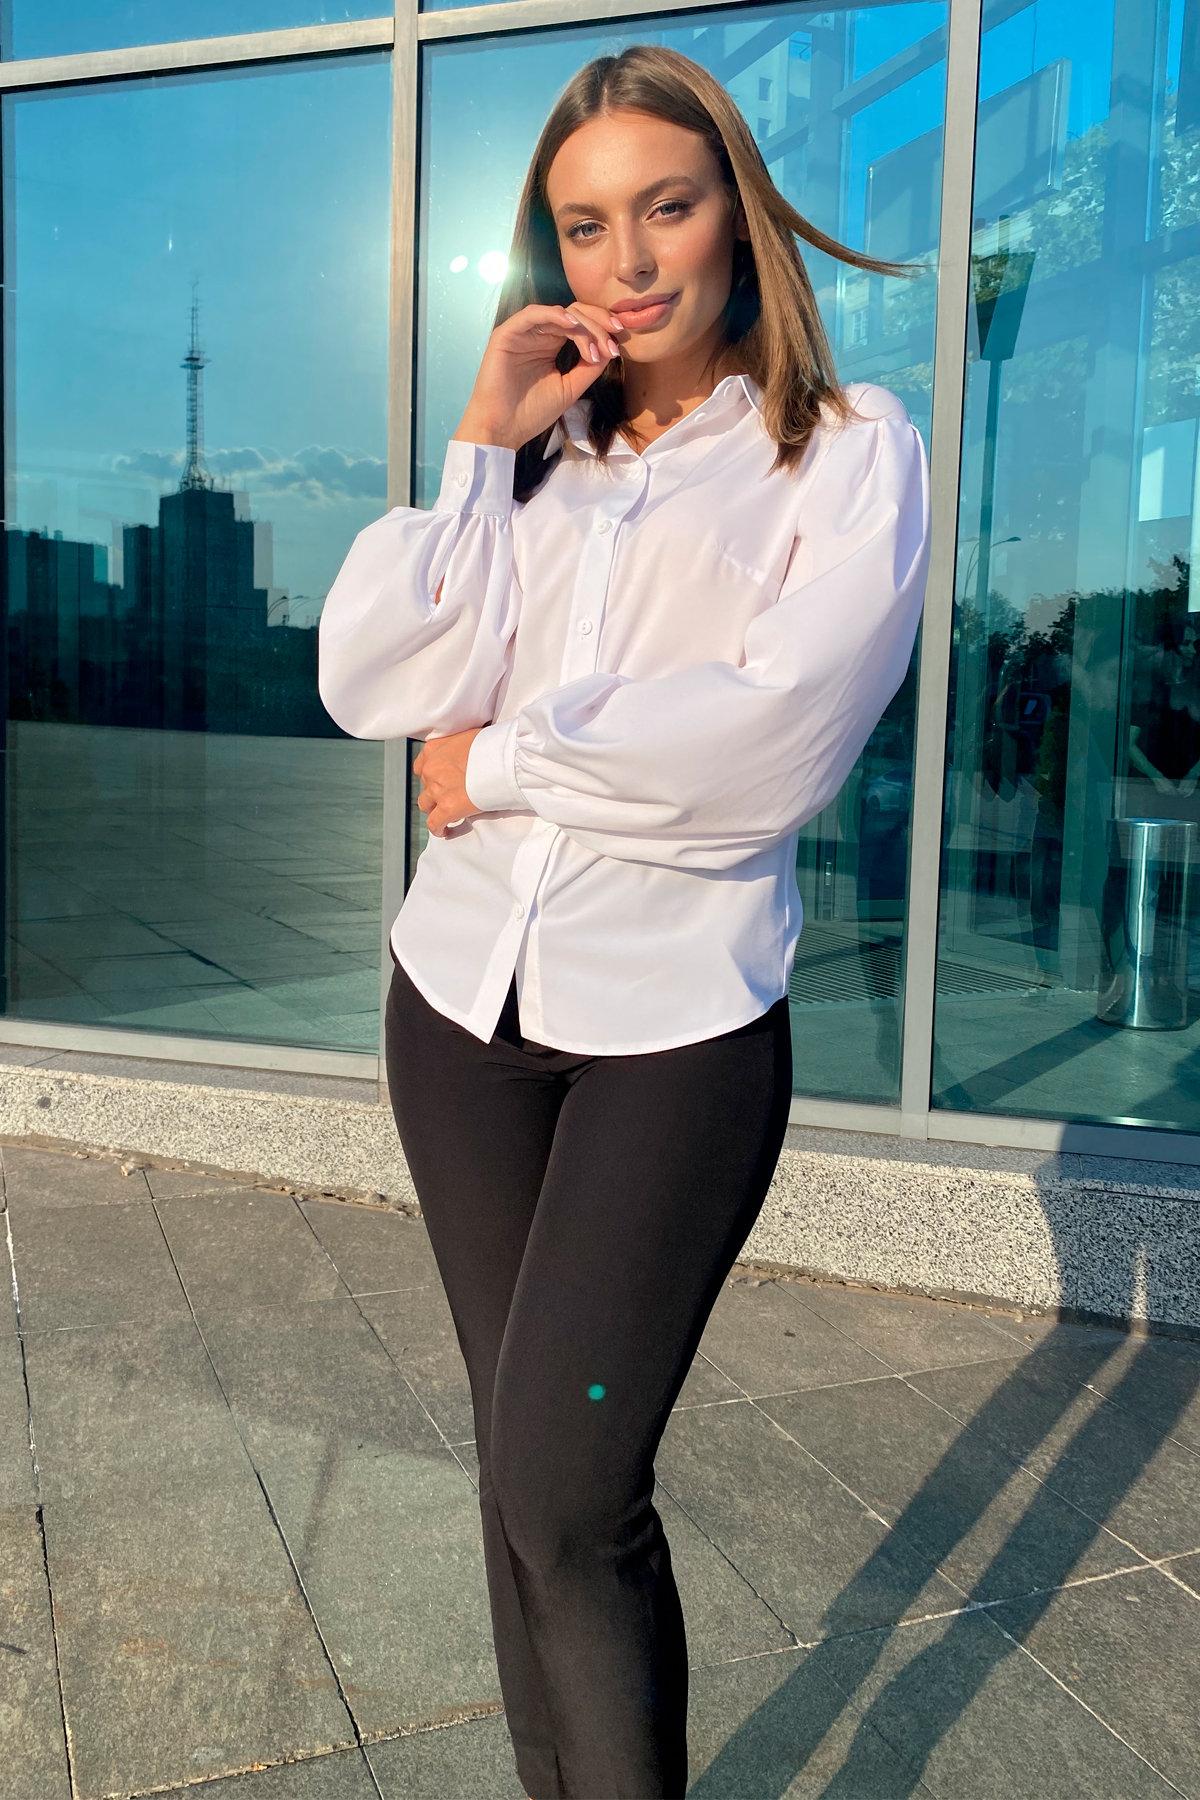 Блузка Гейм 9604 АРТ. 45924 Цвет: Белый - фото 8, интернет магазин tm-modus.ru